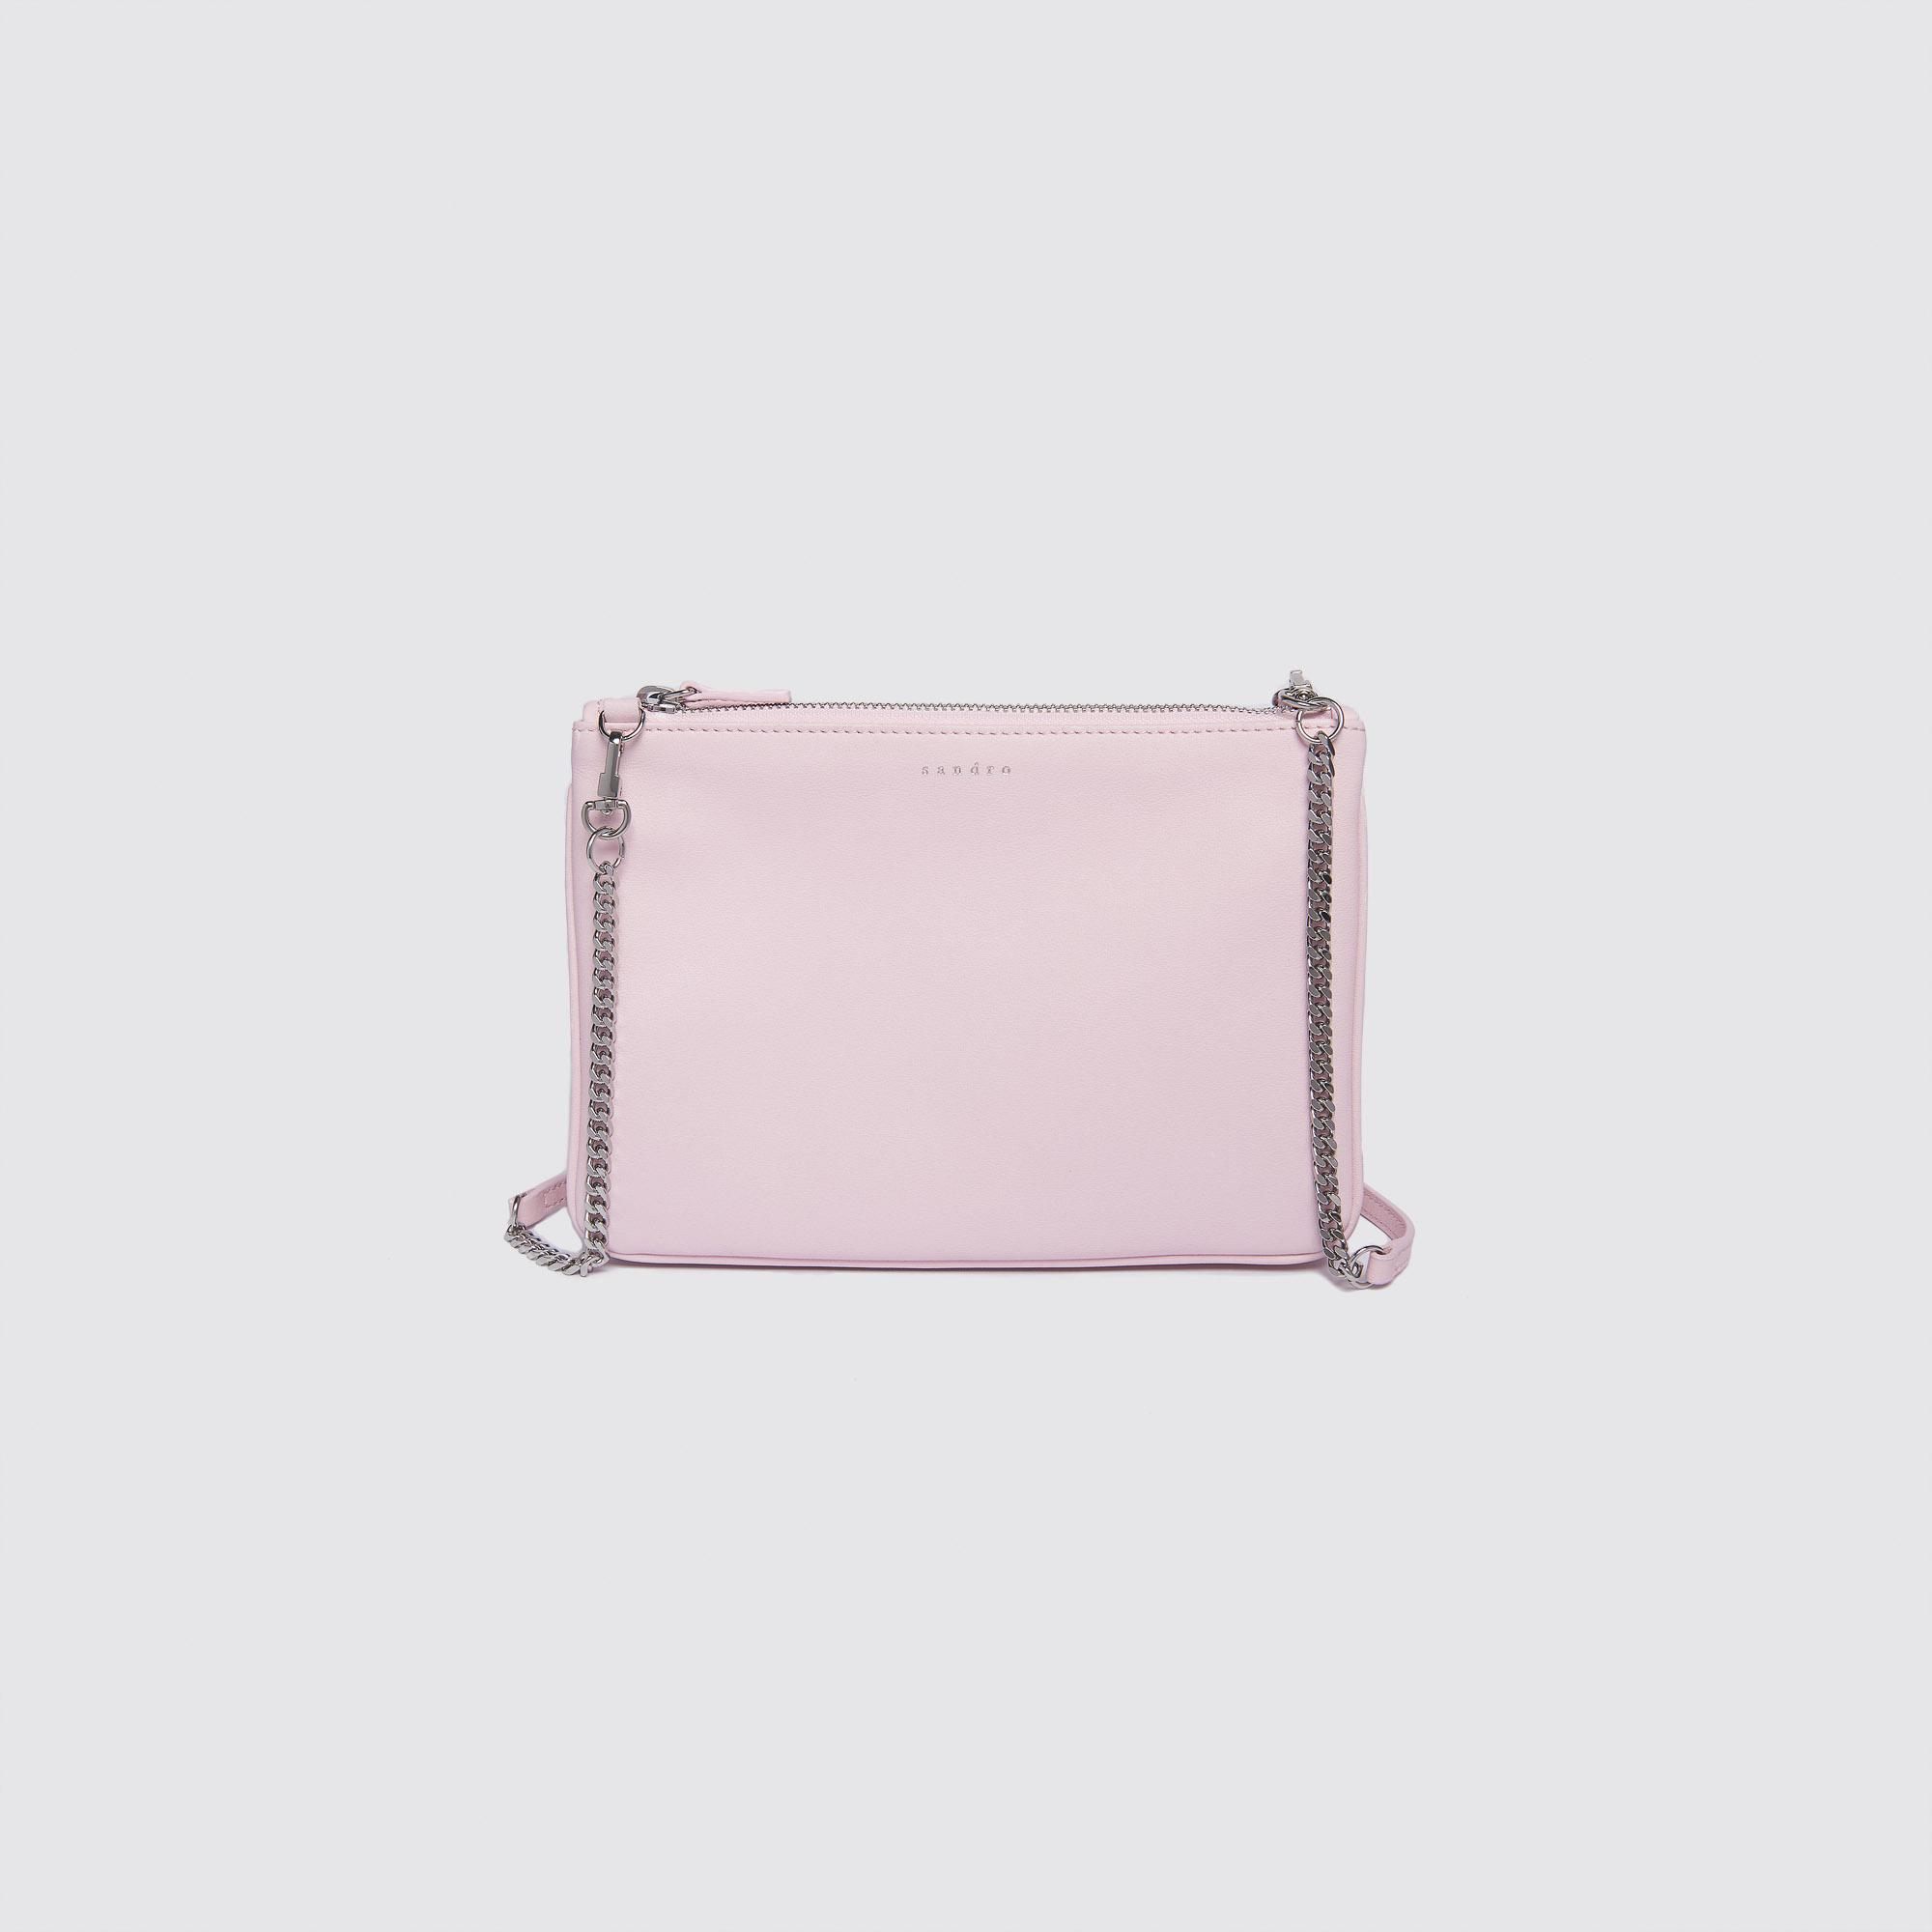 Pochette Addict : Collezione Estiva colore Rosa Acceso